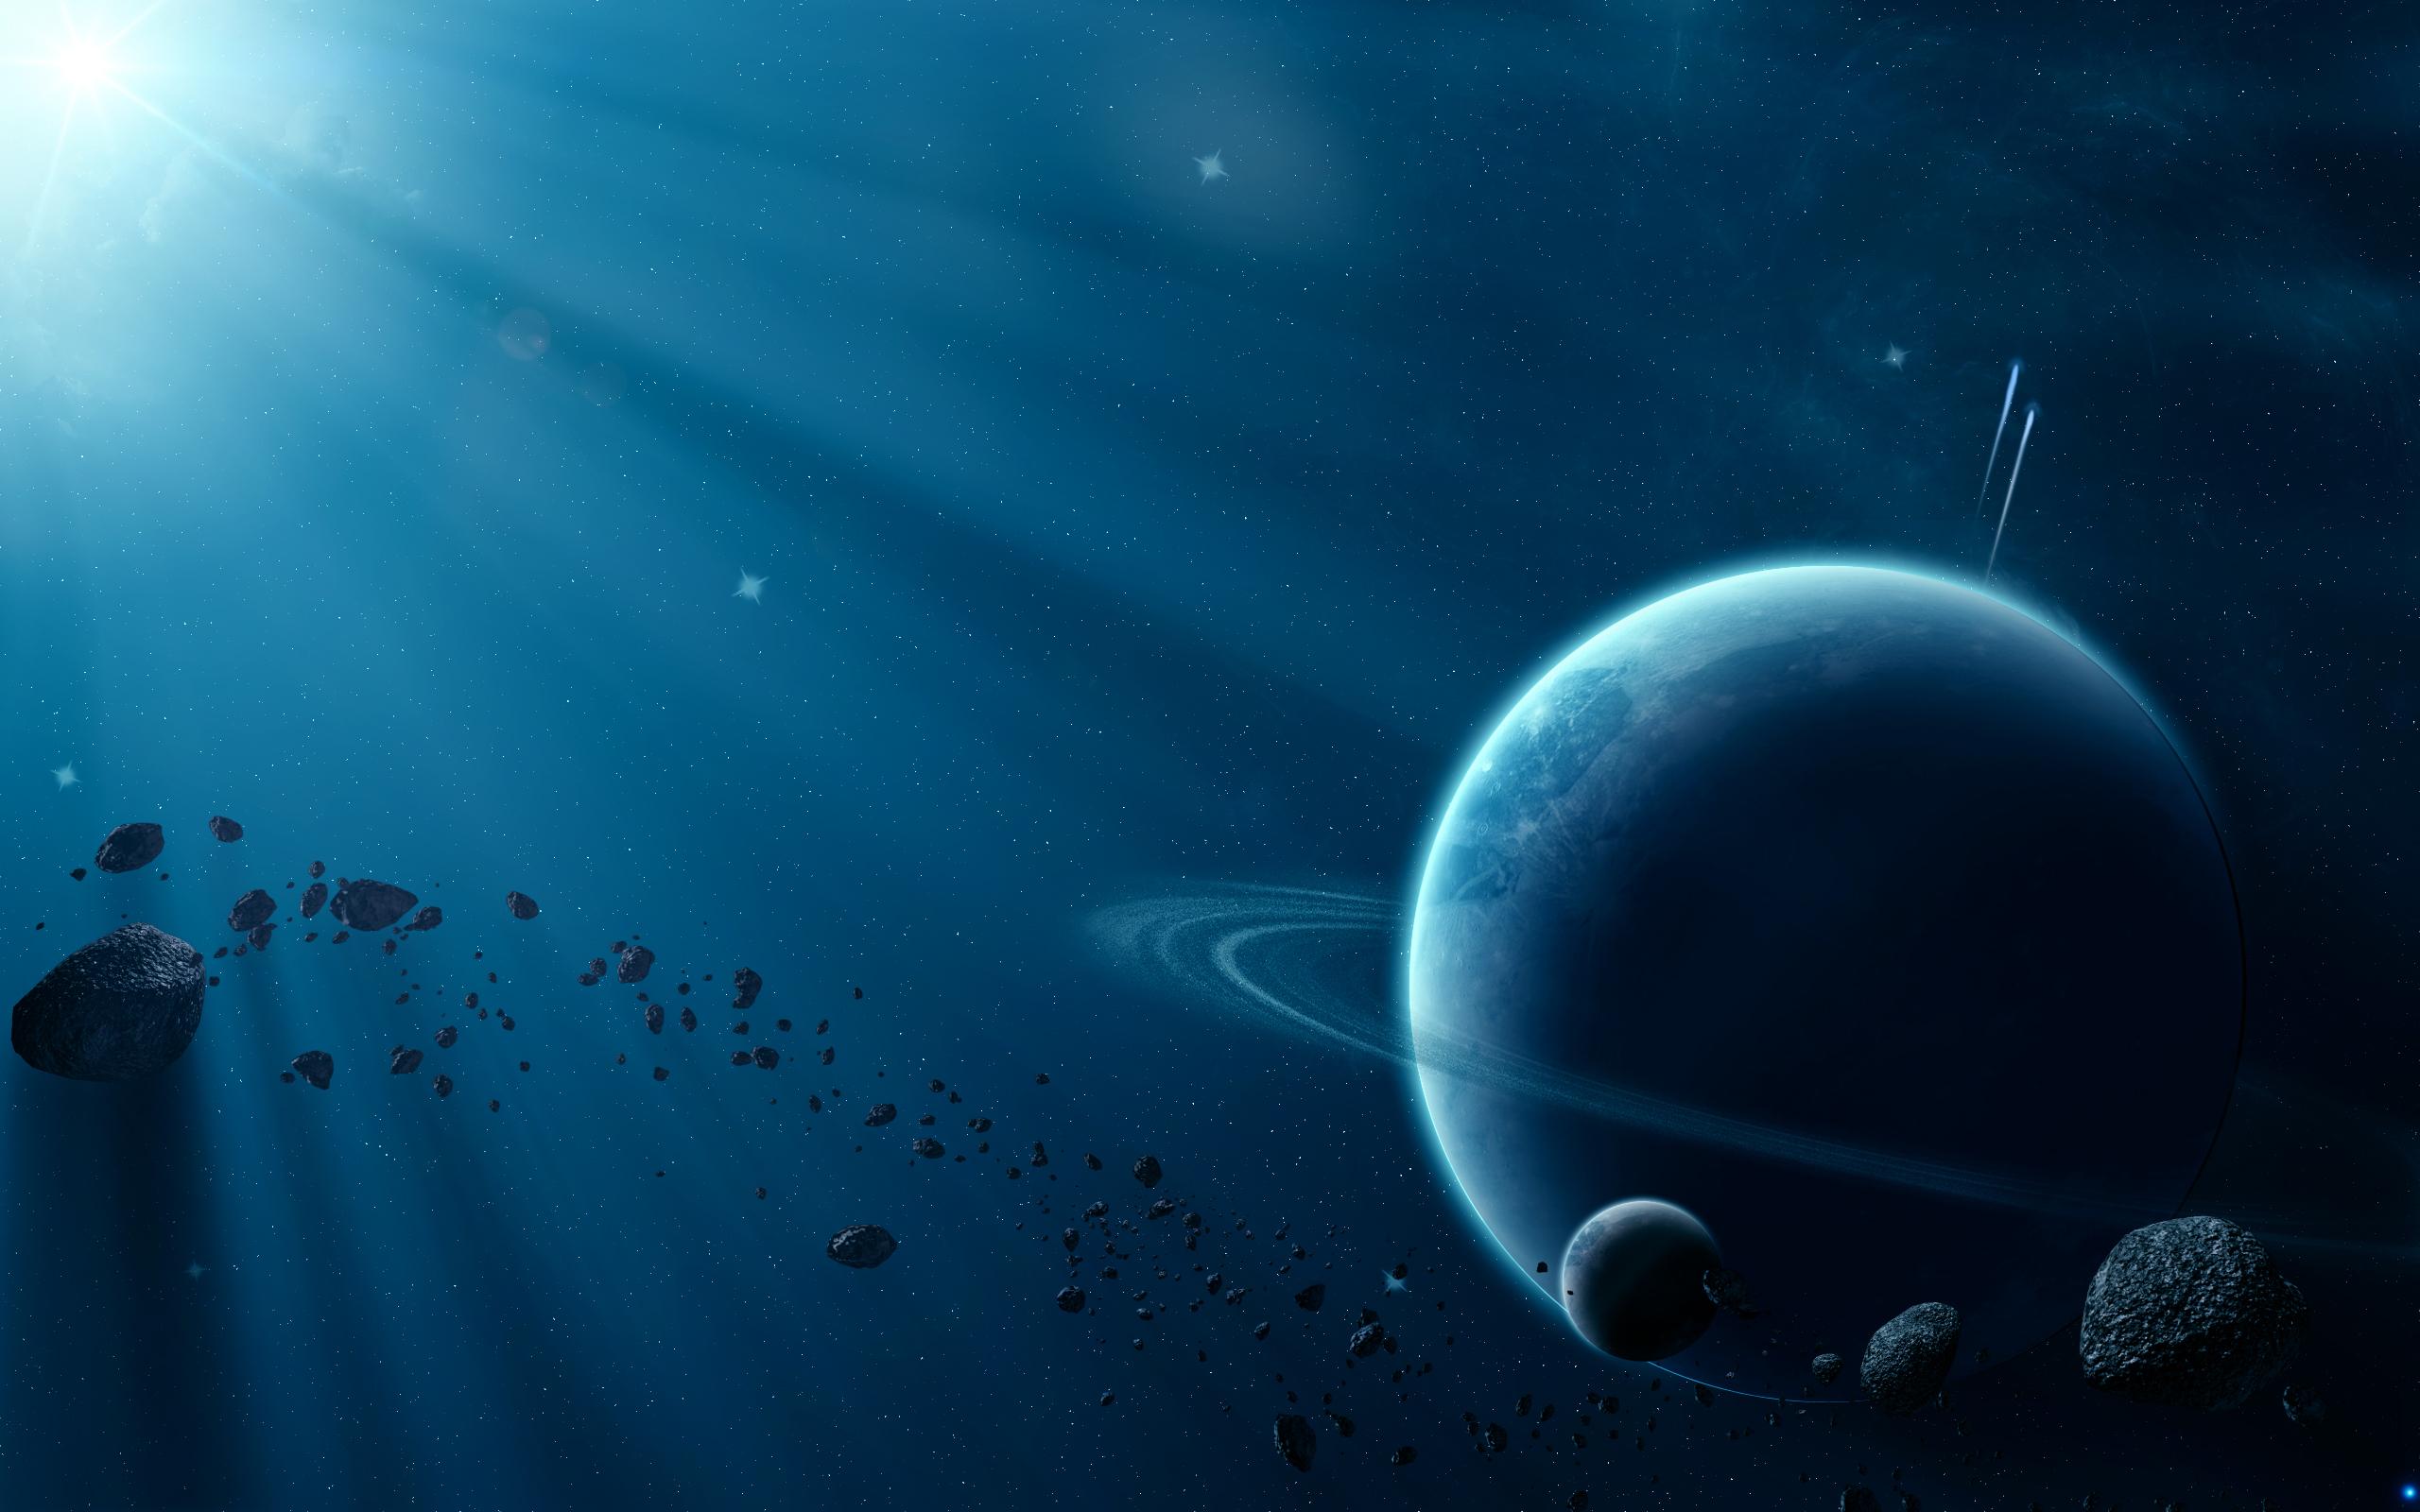 Обои Свечение за планетами картинки на рабочий стол на тему Космос - скачать  № 1772705  скачать